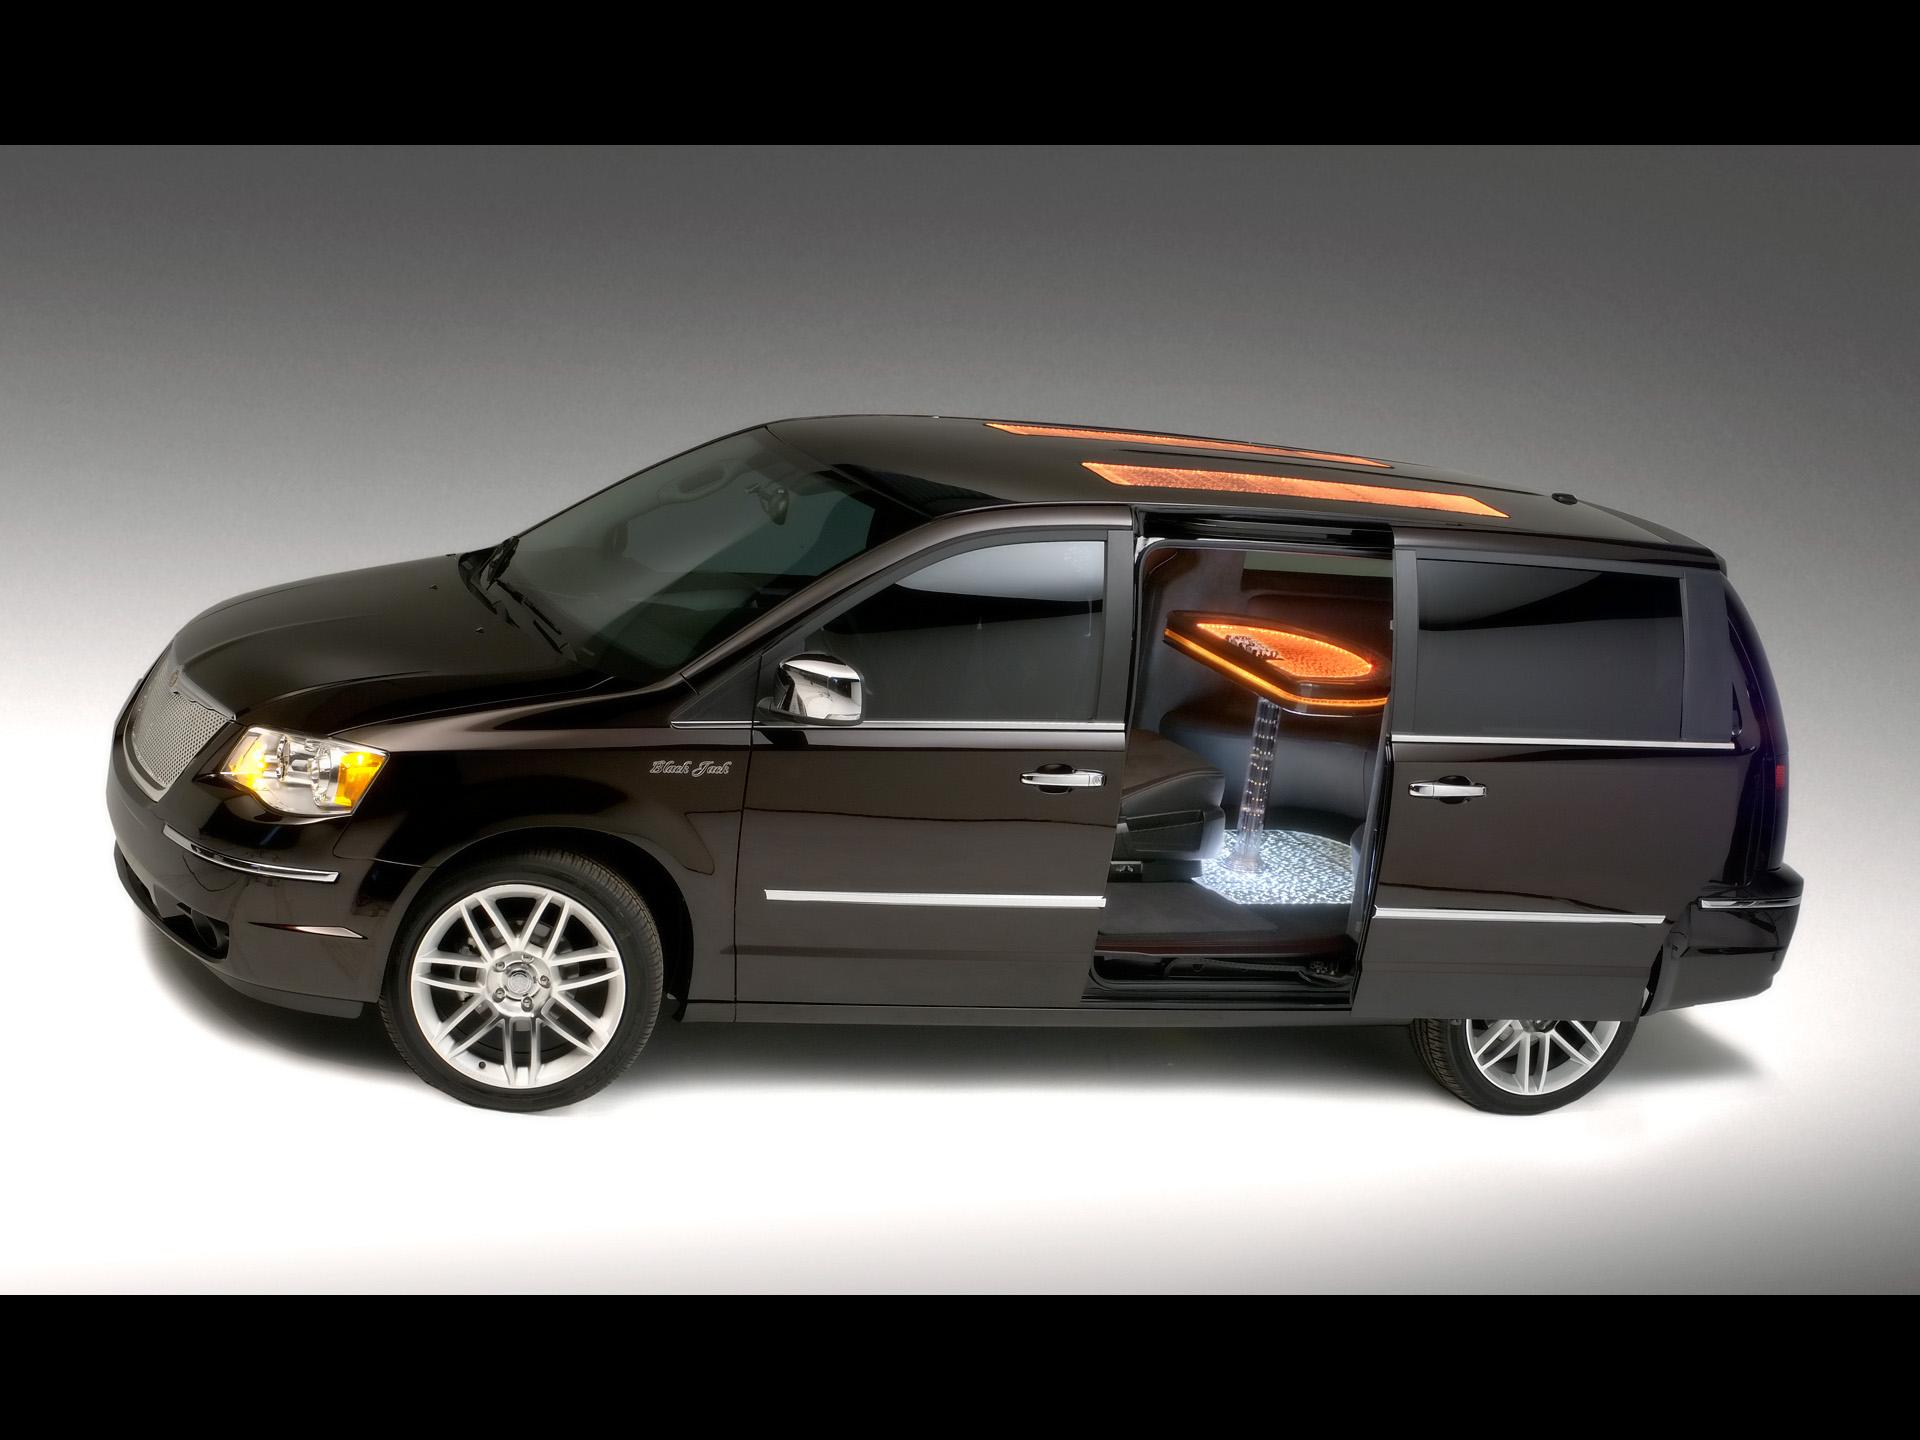 Hyundai black jack